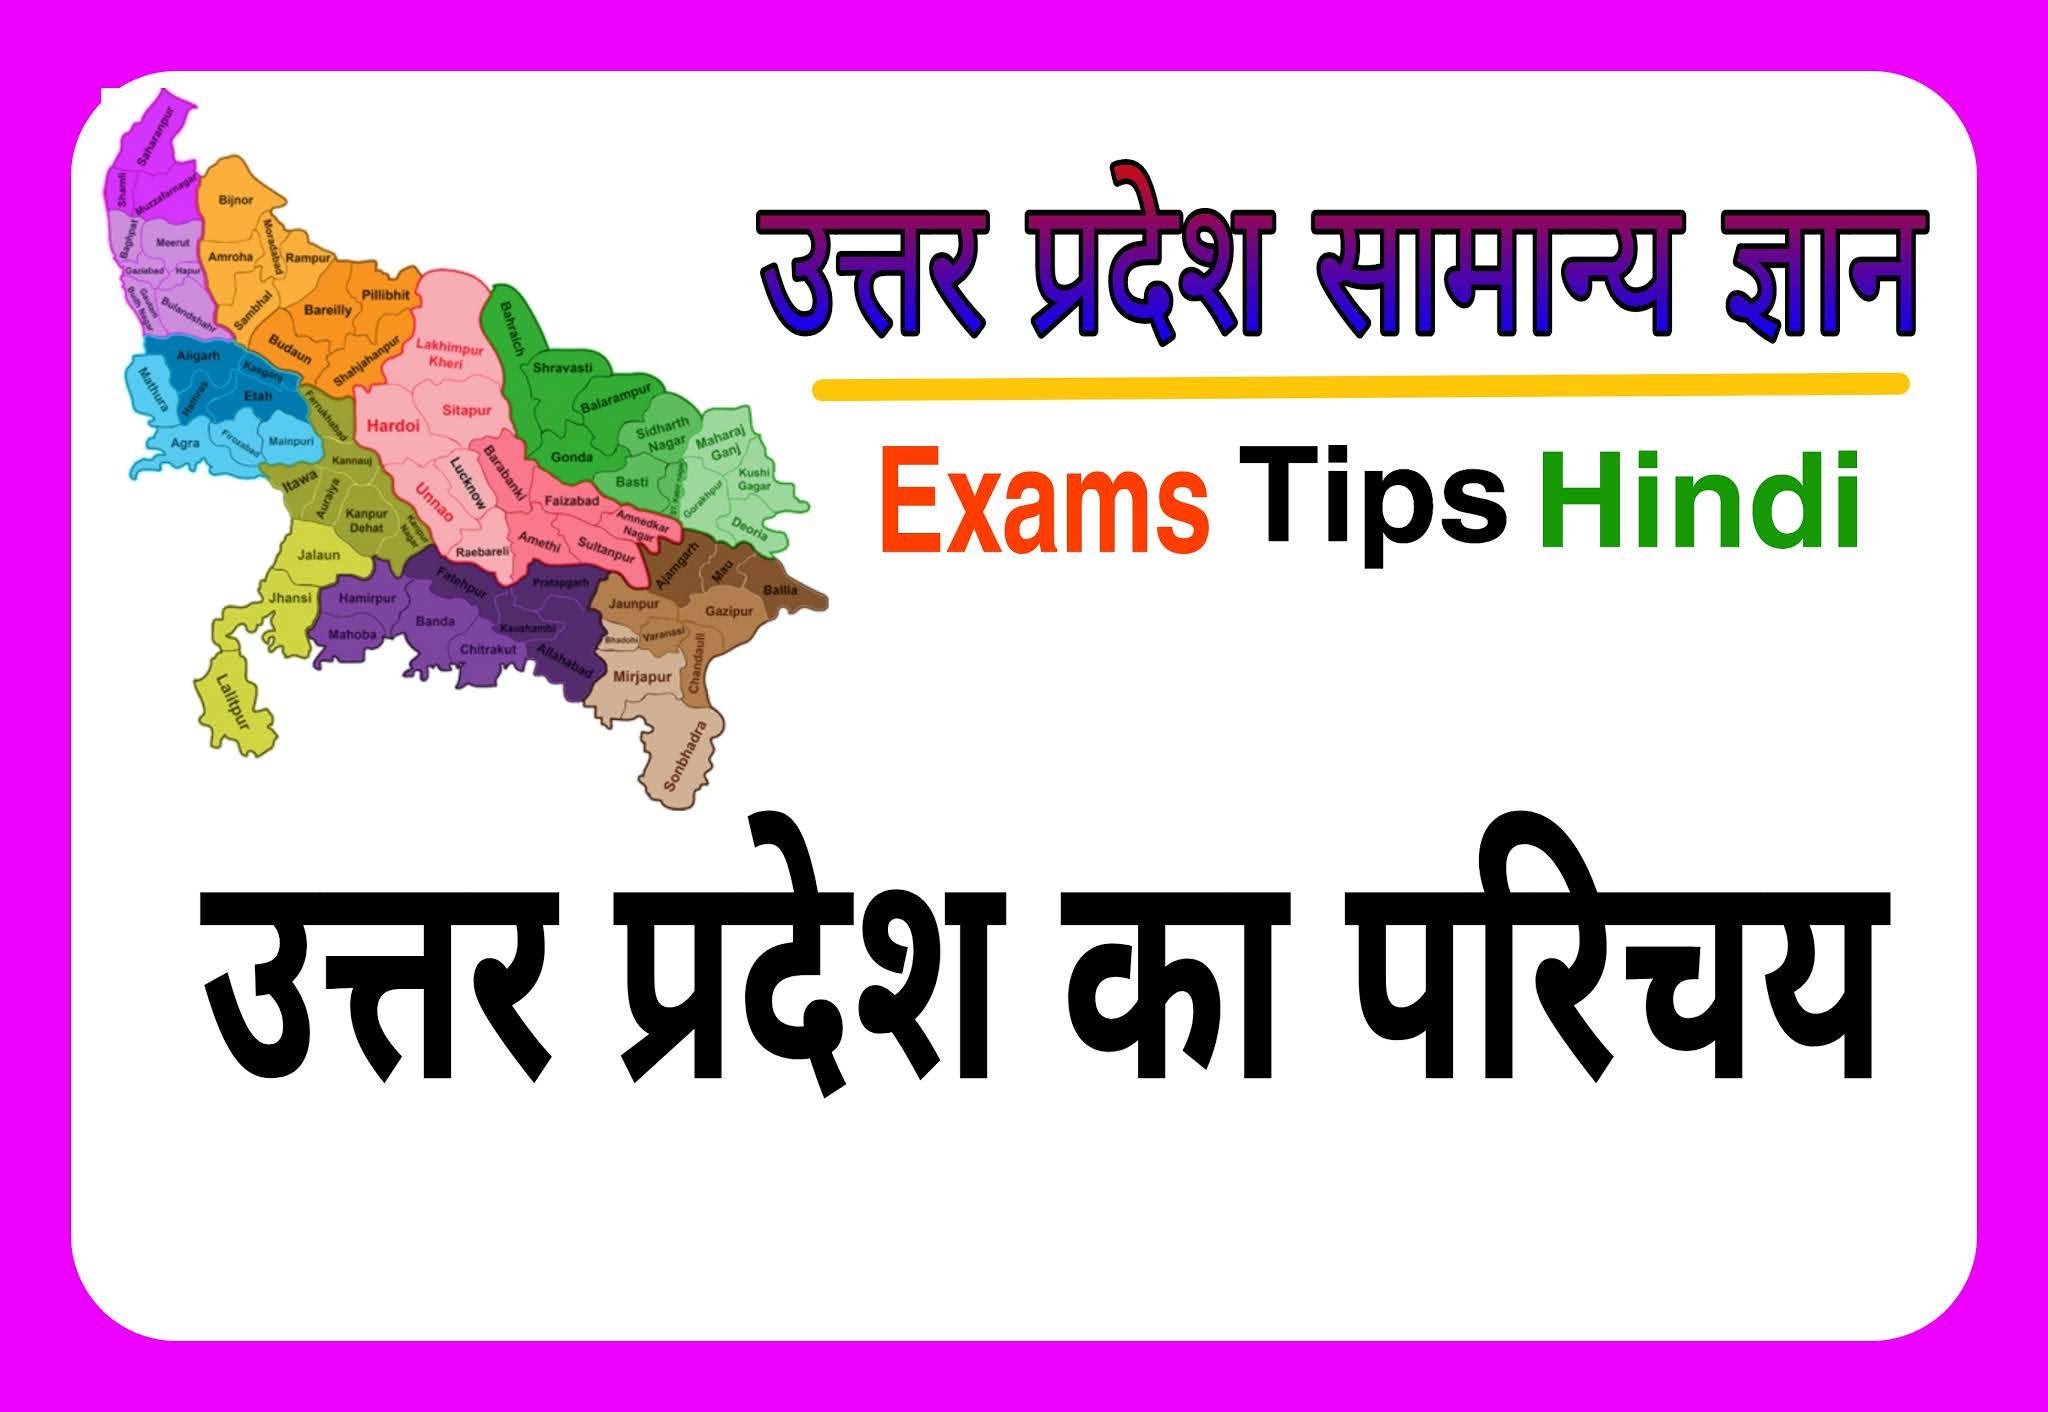 उत्तर प्रदेश का परिचय, उत्तर प्रदेश एक नजर में, उत्तर प्रदेश एक दृष्टि में, उत्तर प्रदेश इन्फॉर्मेशन इन हिंदी, Uttar Pradesh gk in hindi, उत्तर प्रदेश सामान्य ज्ञान, उत्तर प्रदेश की जानकारी, Uttar Pradesh General Knowledge in Hindi